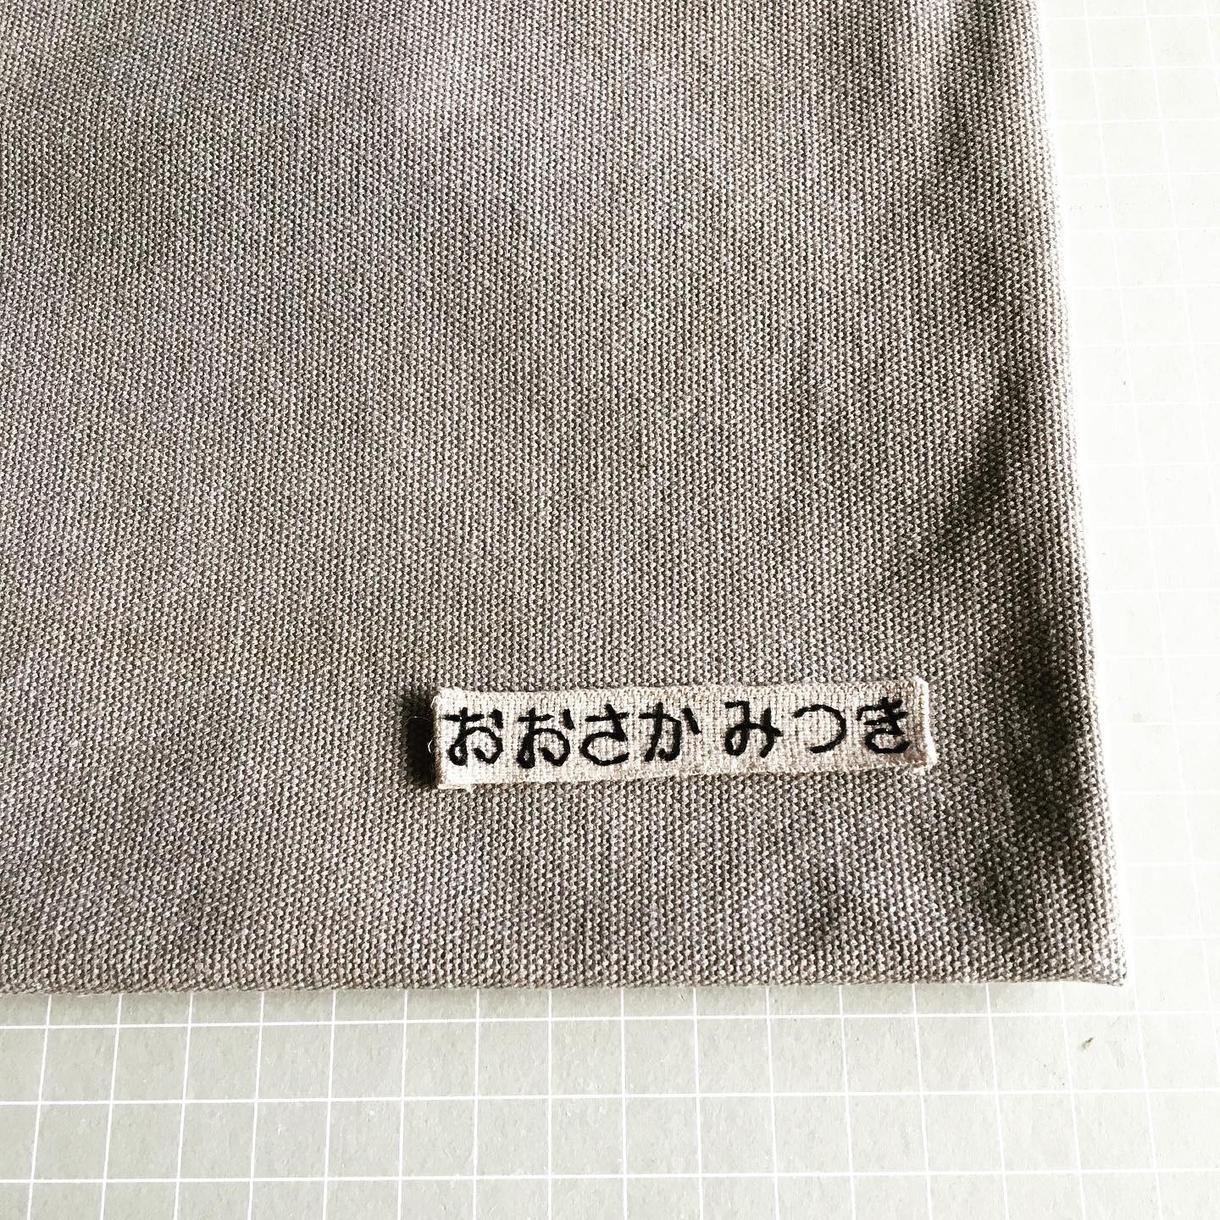 お子様のお名前刺繍します 入学準備の手提げかばんや巾着類に付けるお名前を刺繍します。